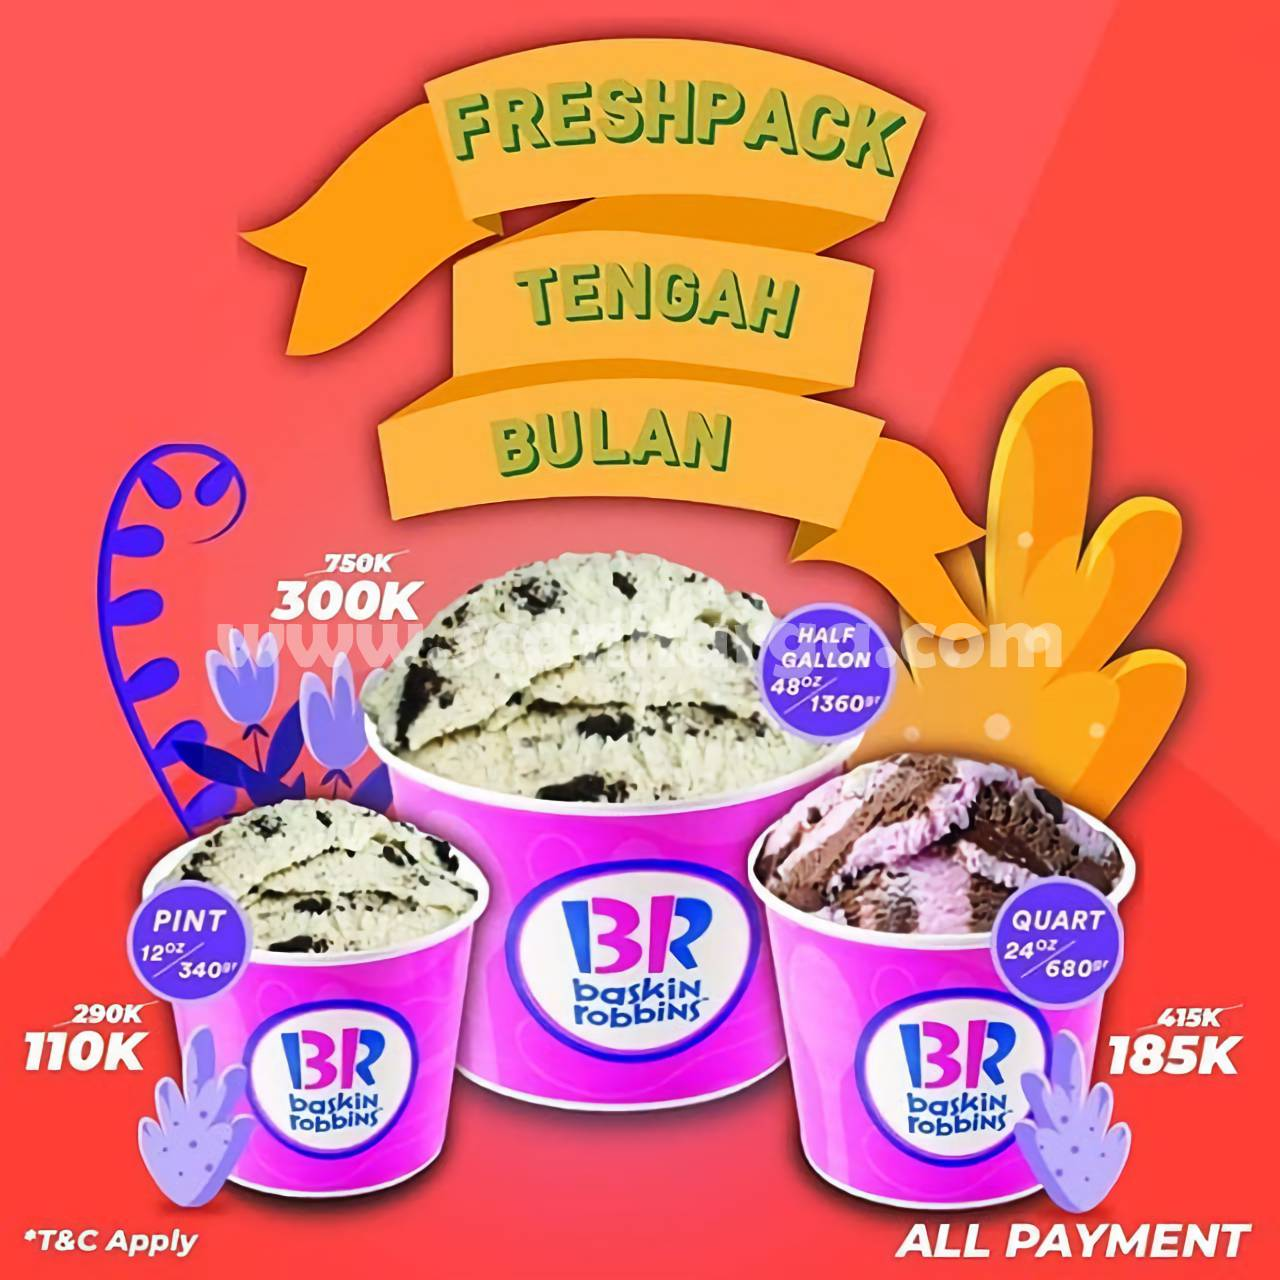 BASKIN ROBBINS Promo FreshPack Tengah Bulan Periode 14 - 20 September 2020